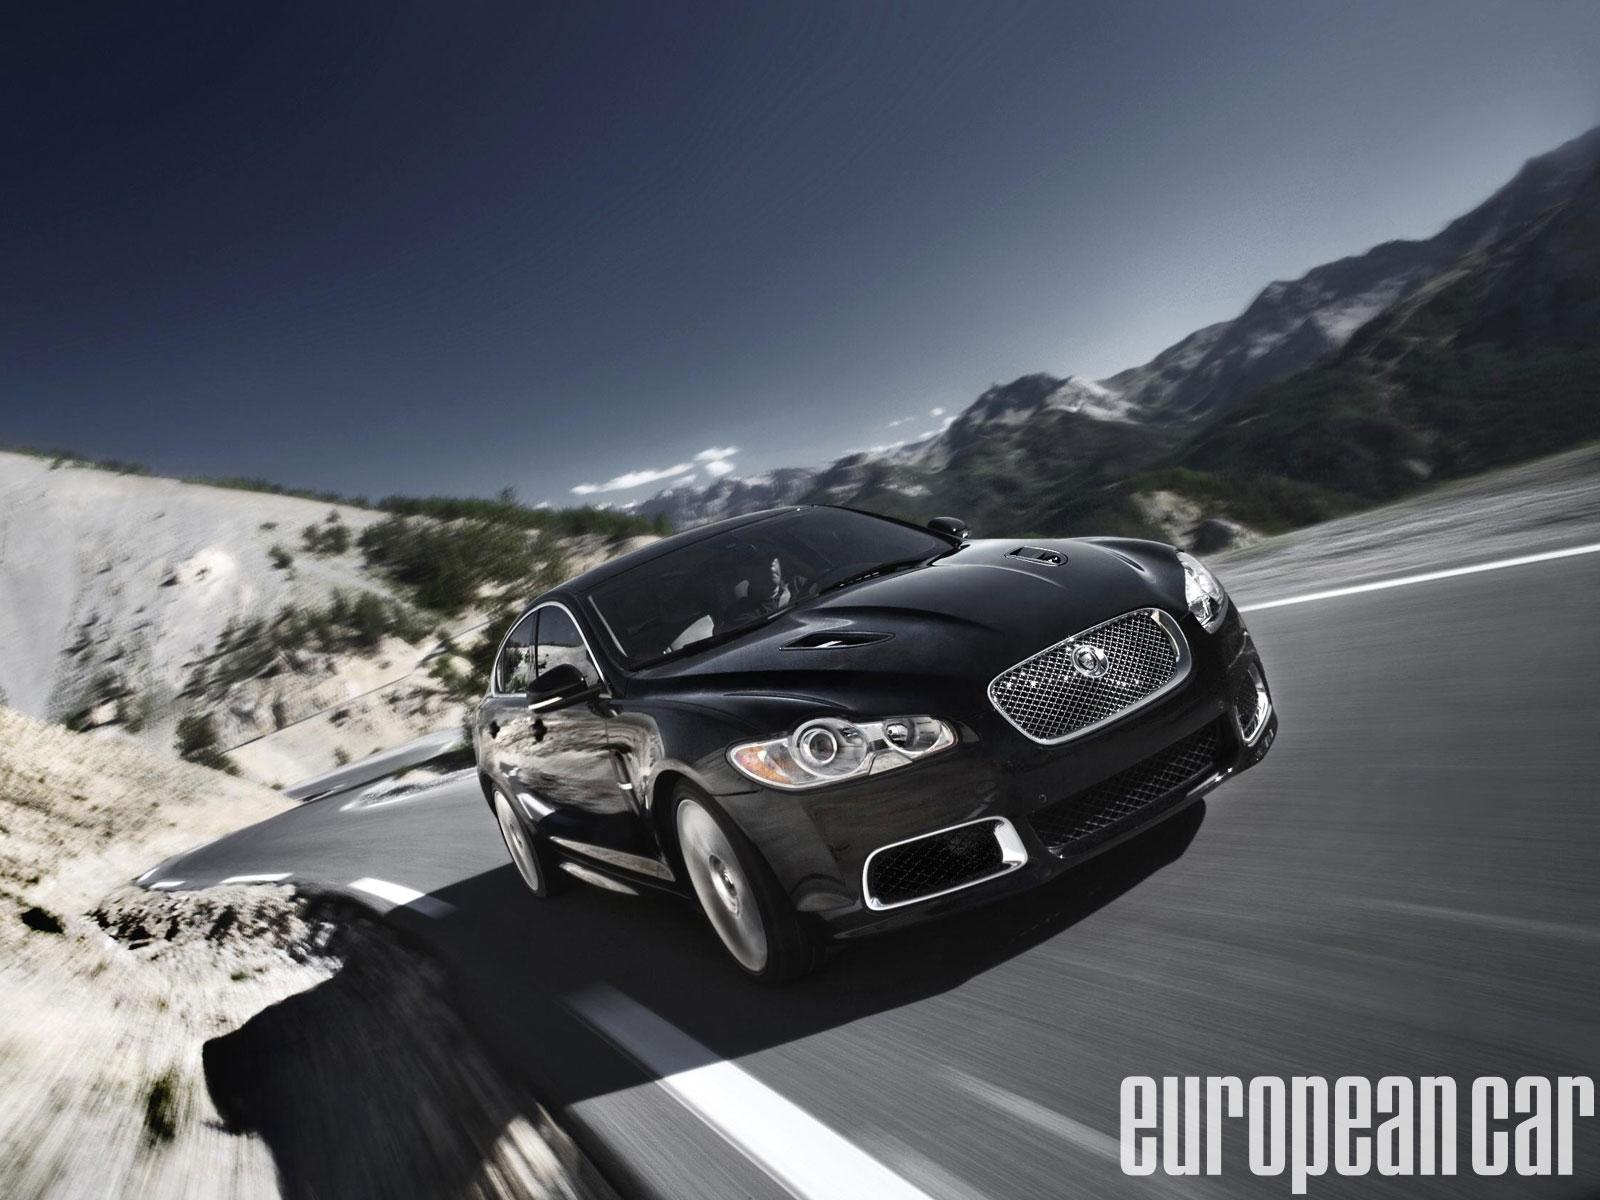 2013 Jaguar XF Powertrain Updates - Web Exclusive ...